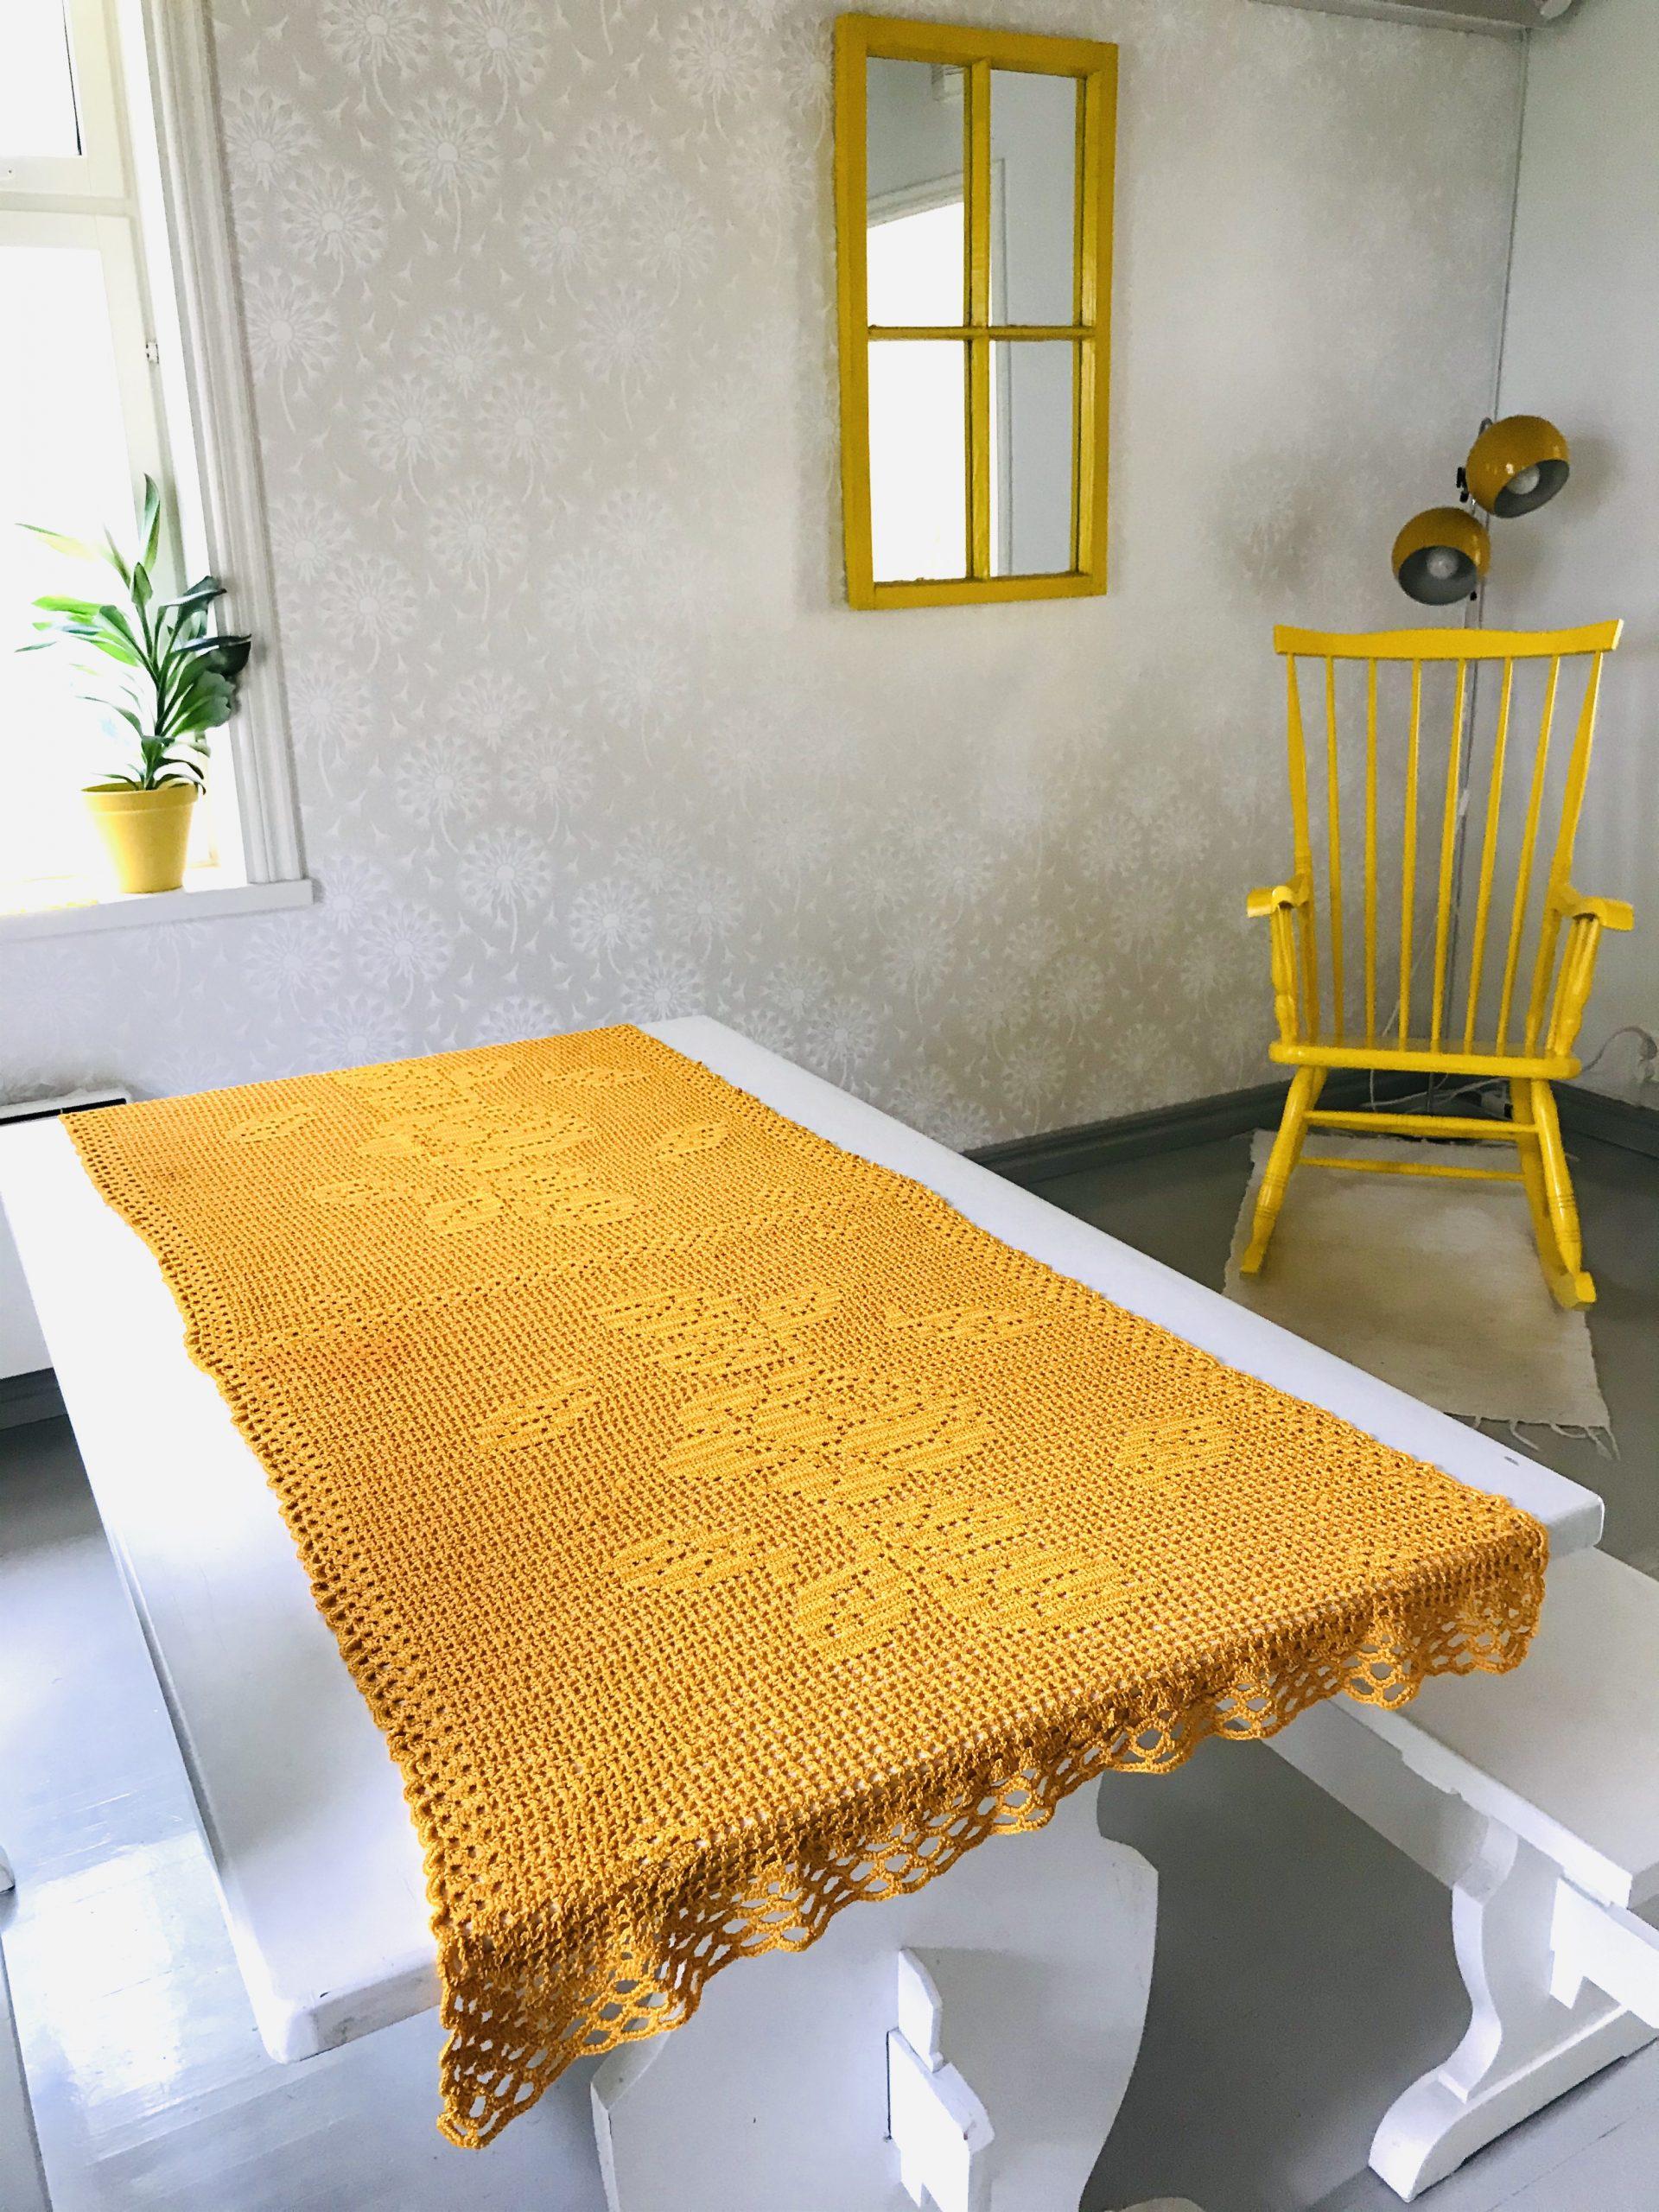 Elluyellow keltainen kirppislöytö vanha pöytäliina